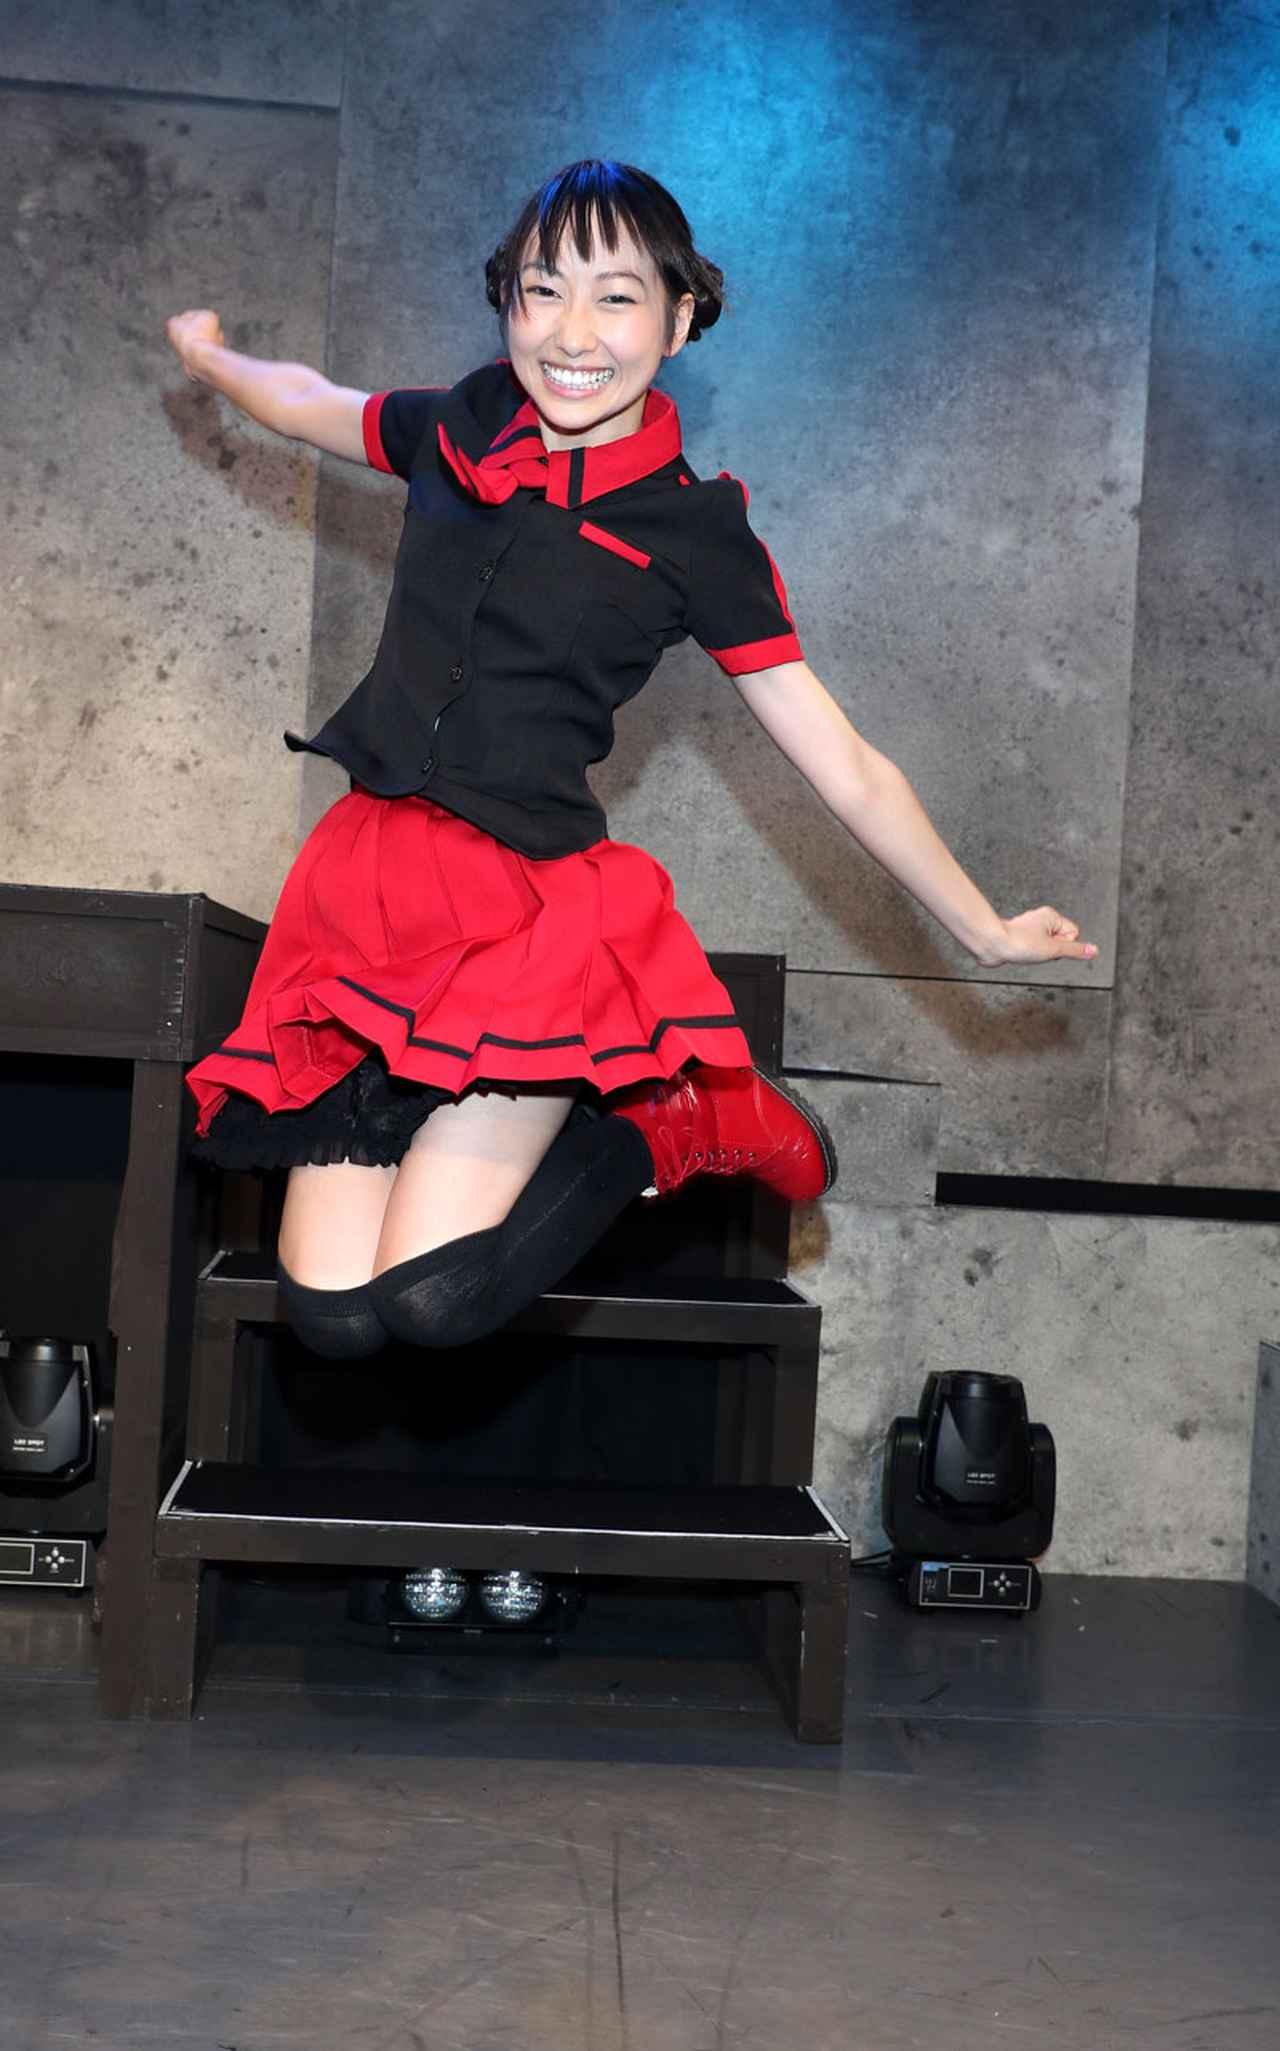 Images : 6番目の画像 - 「夏野香波/舞台『降臨Hearts』で、凛とした役をキュートに、スゥイートに、プリティに、チャーミングに演じきった!」のアルバム - Stereo Sound ONLINE